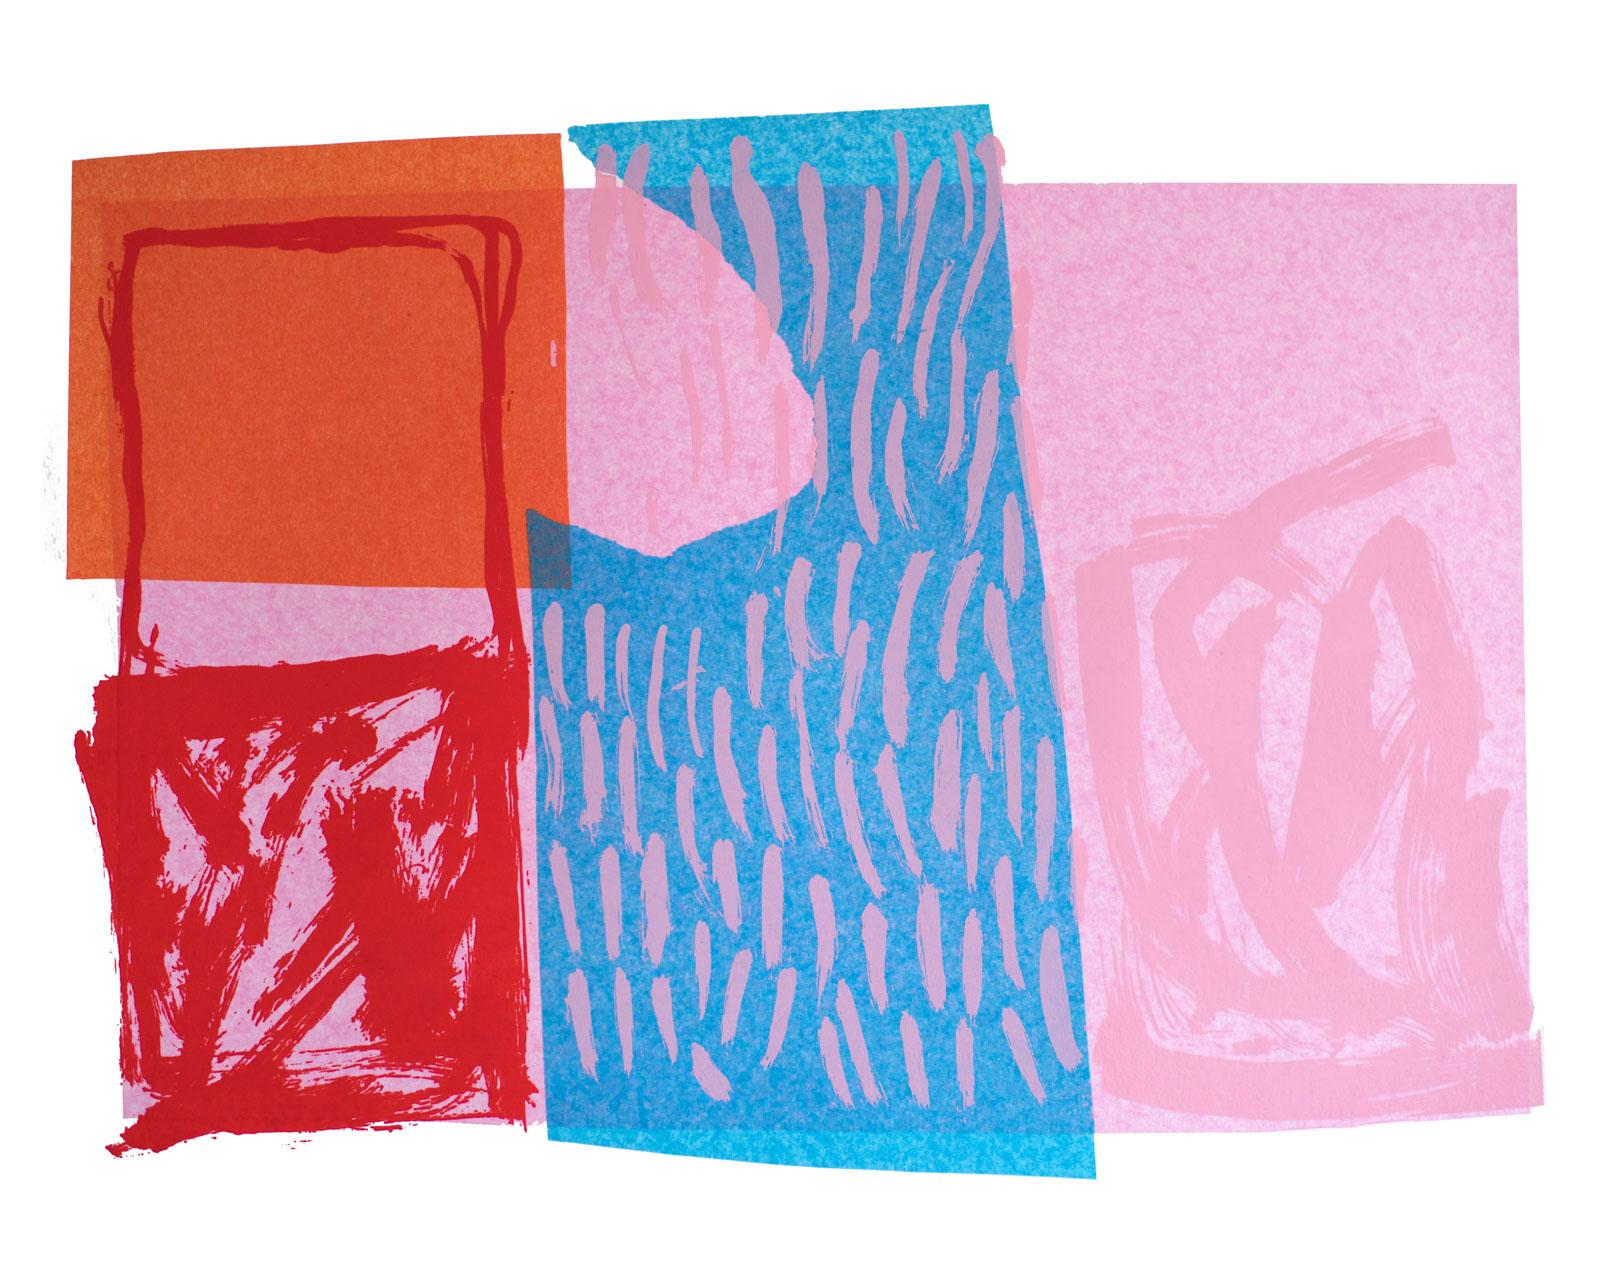 Artist, Printmaking, Digital Art, Screen printing 'Backlash 1988'